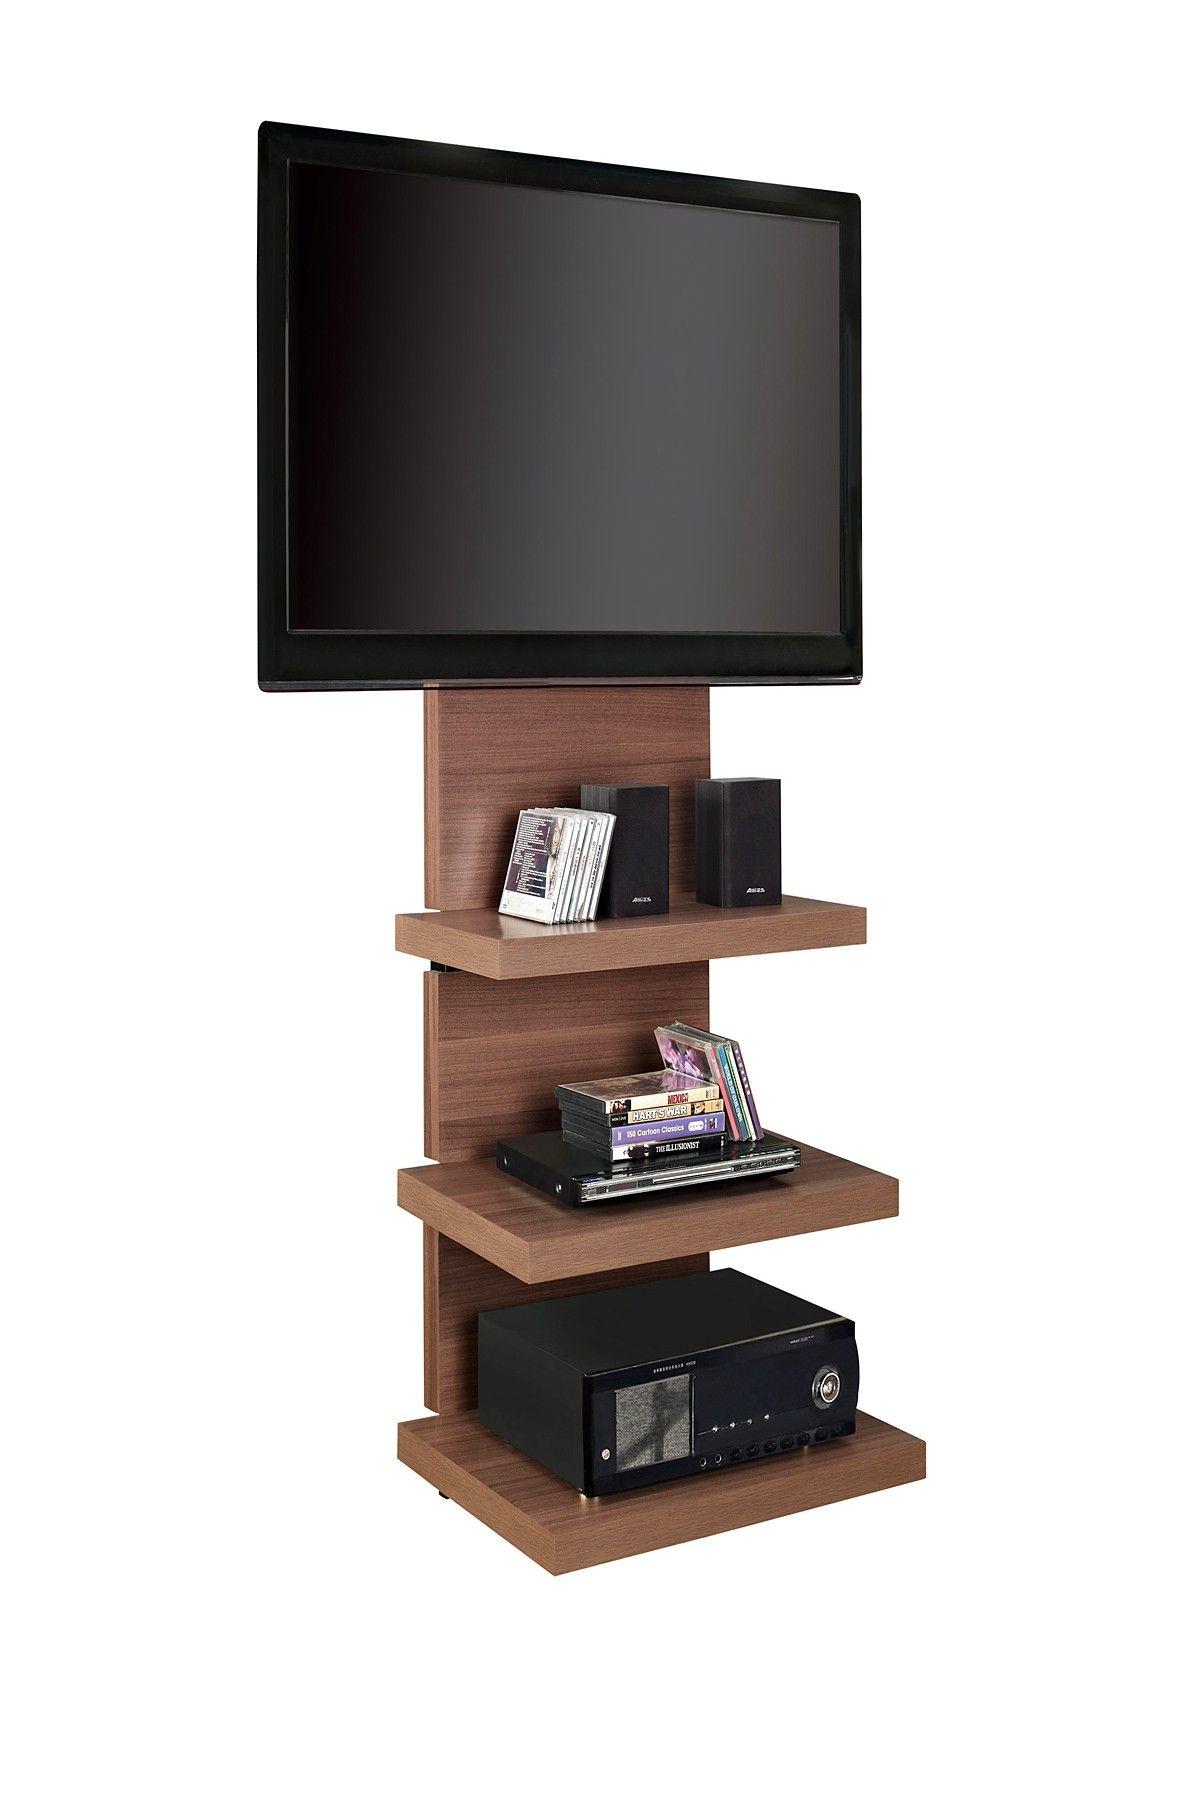 tv schlafzimmer schneemann olaf bettw sche accessoires schlafzimmer zu trockene luft im jersey. Black Bedroom Furniture Sets. Home Design Ideas